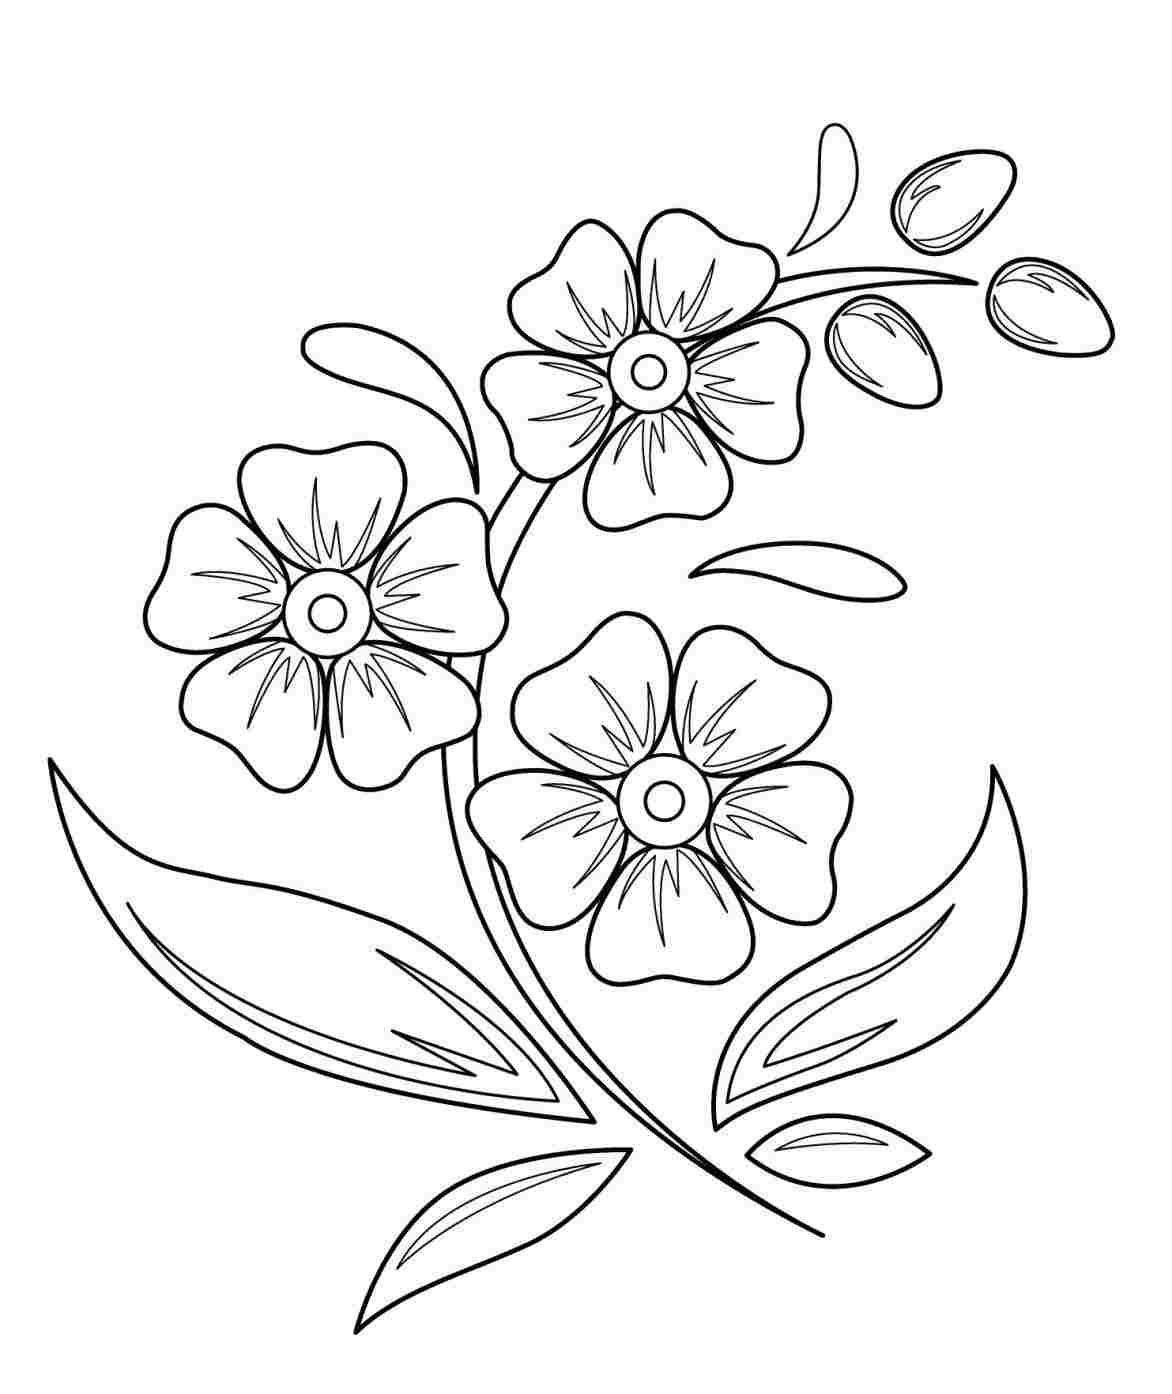 Model Drawings Hearts Rhpinterestcom Marigold Flower Sketch